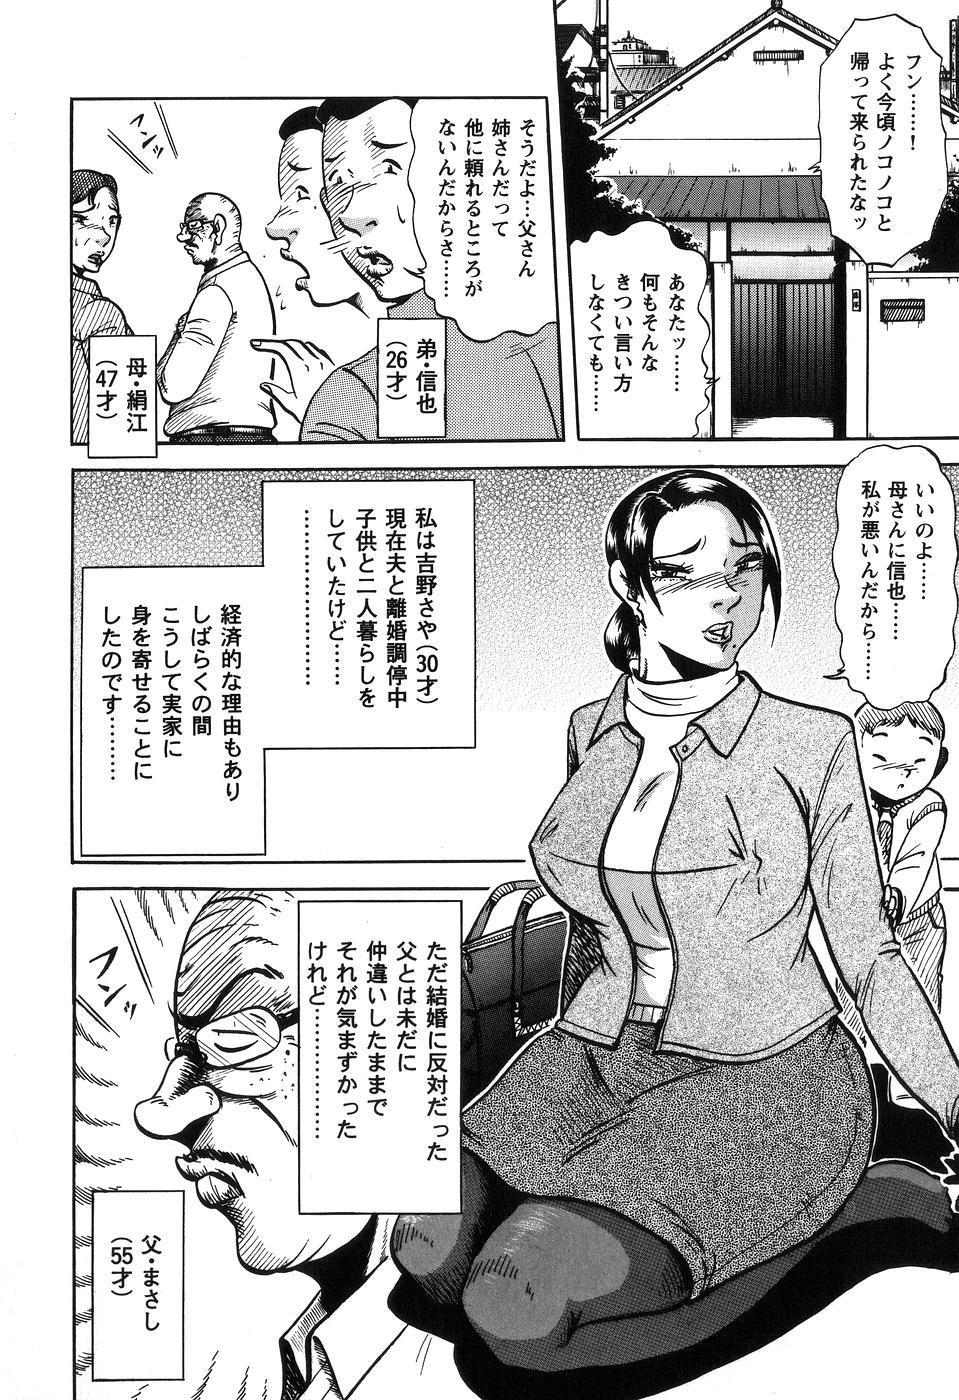 Jukubo Soukan Yosoji no Tawamure 151